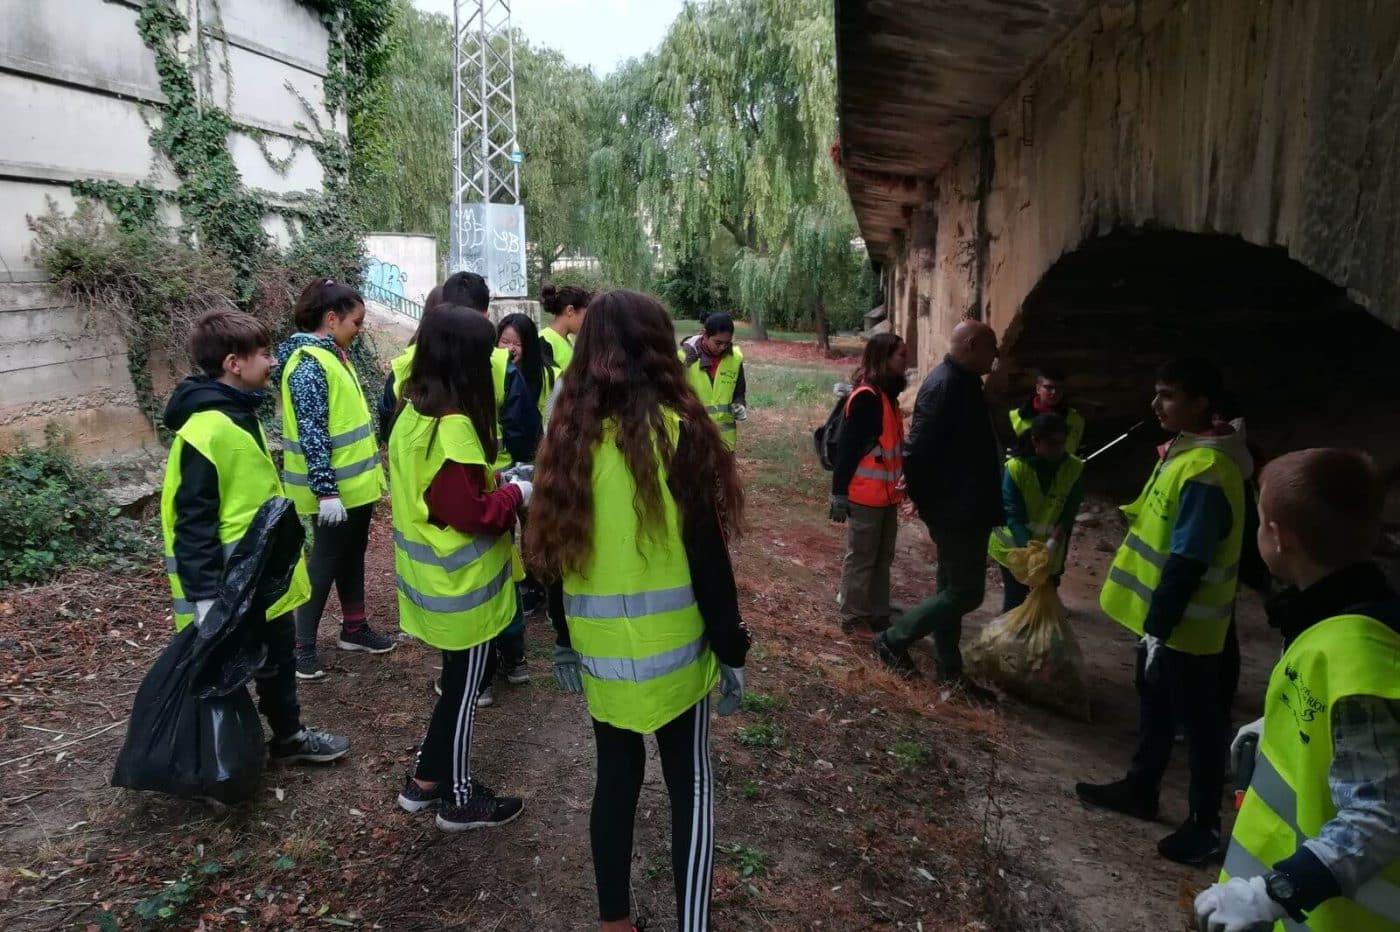 Amigos de los Ríos realiza labores de limpieza en el Tirón junto a alumnos del IES Ciudad de Haro 1